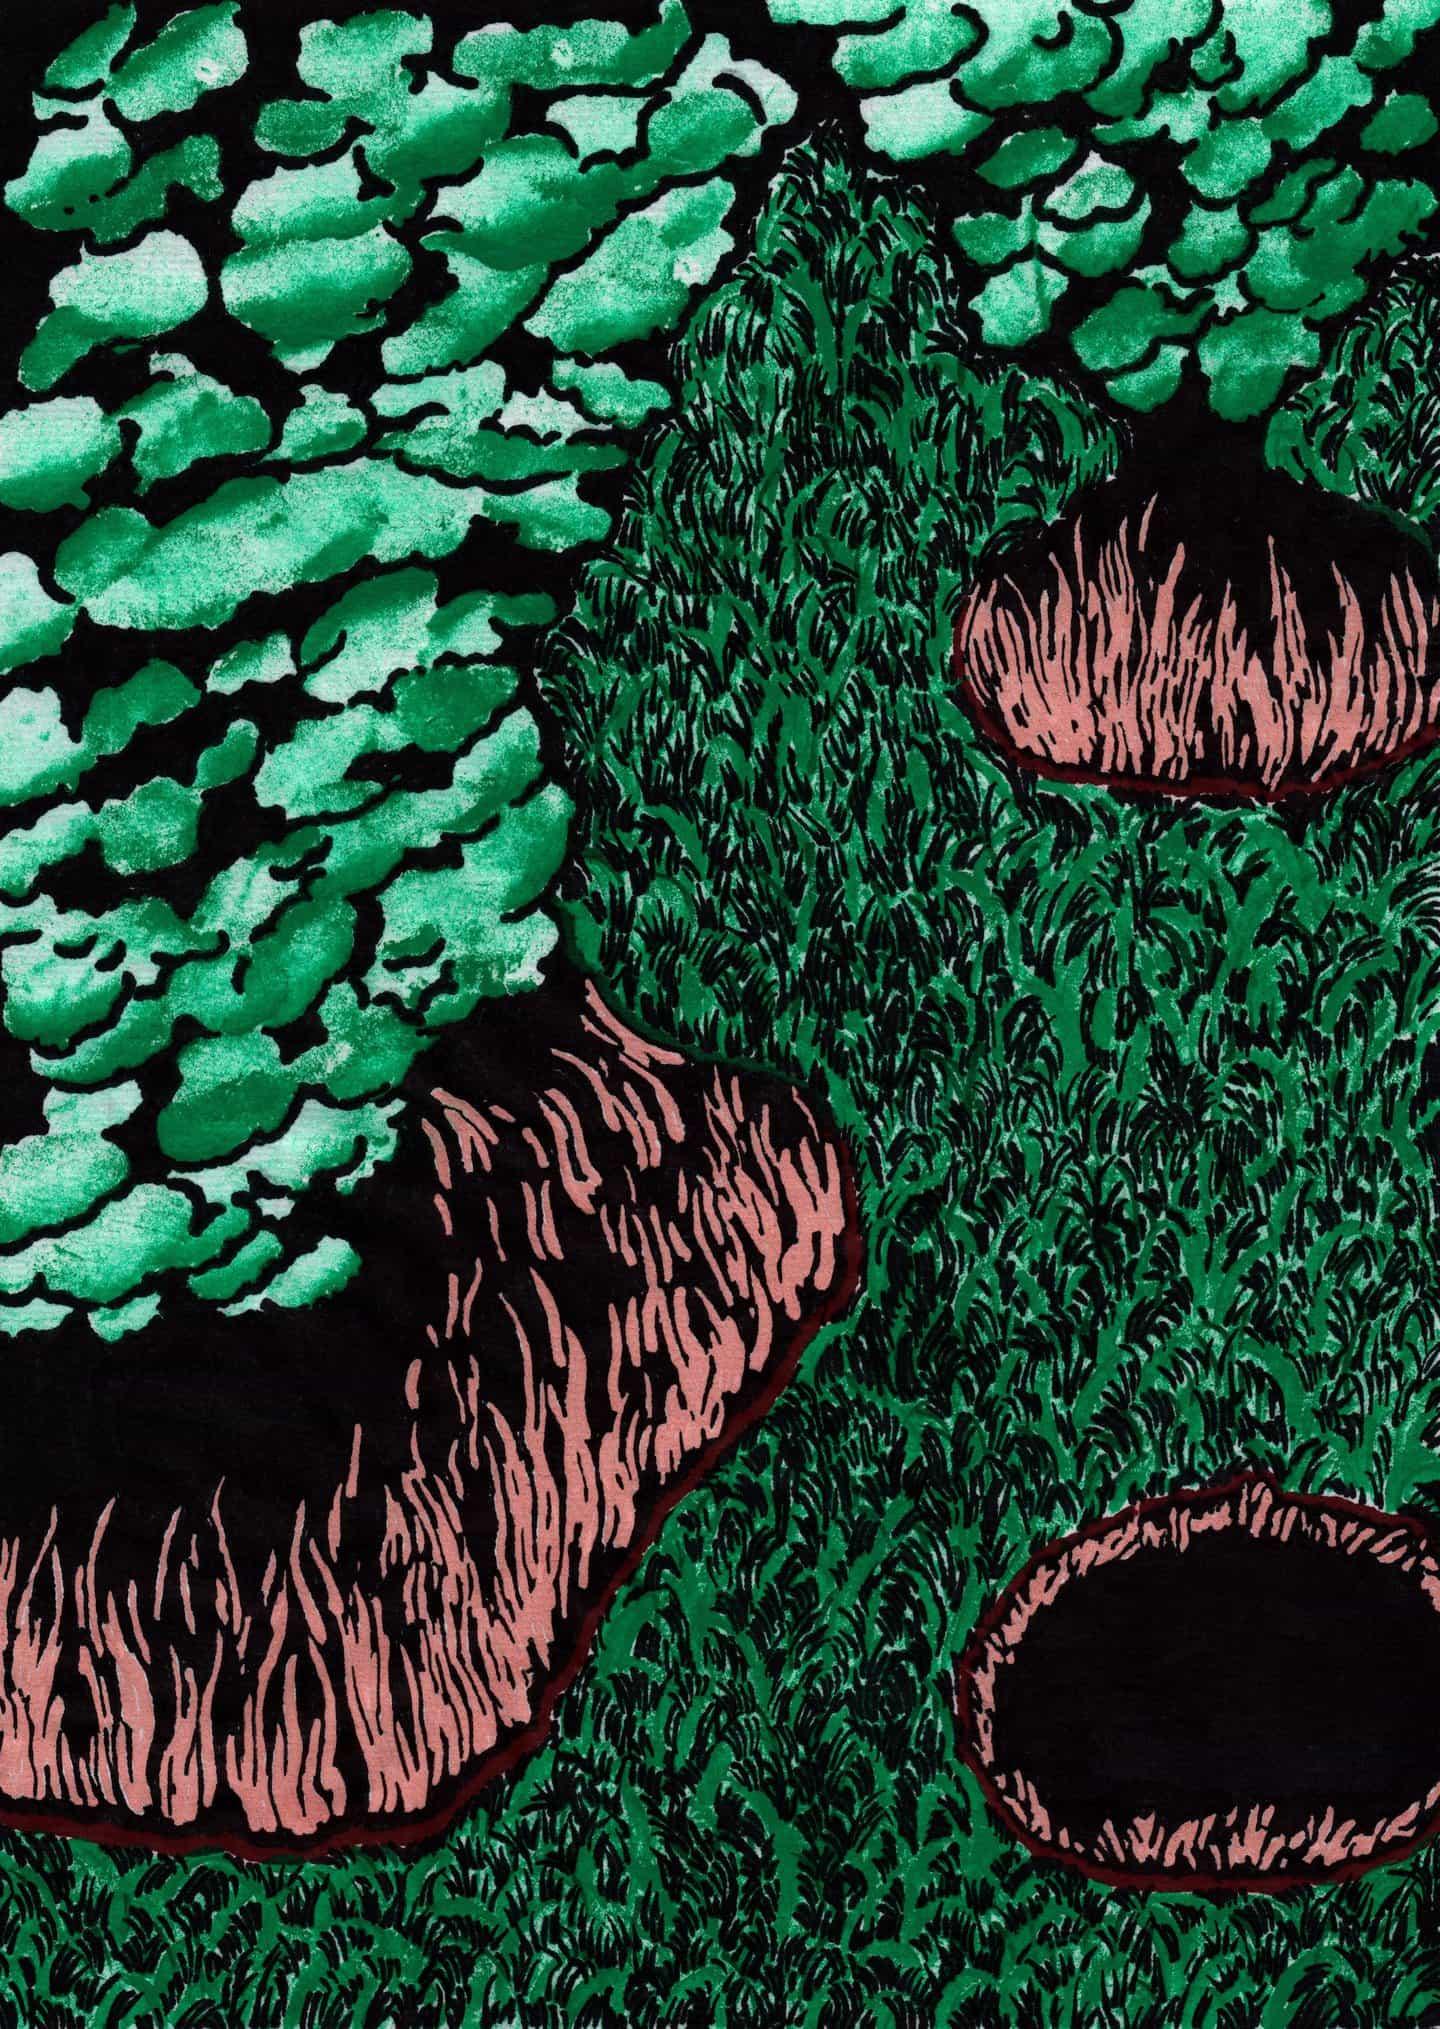 Metamórficas y fascinante, Sujin Lee pinta el tema más común de todos: la hierba